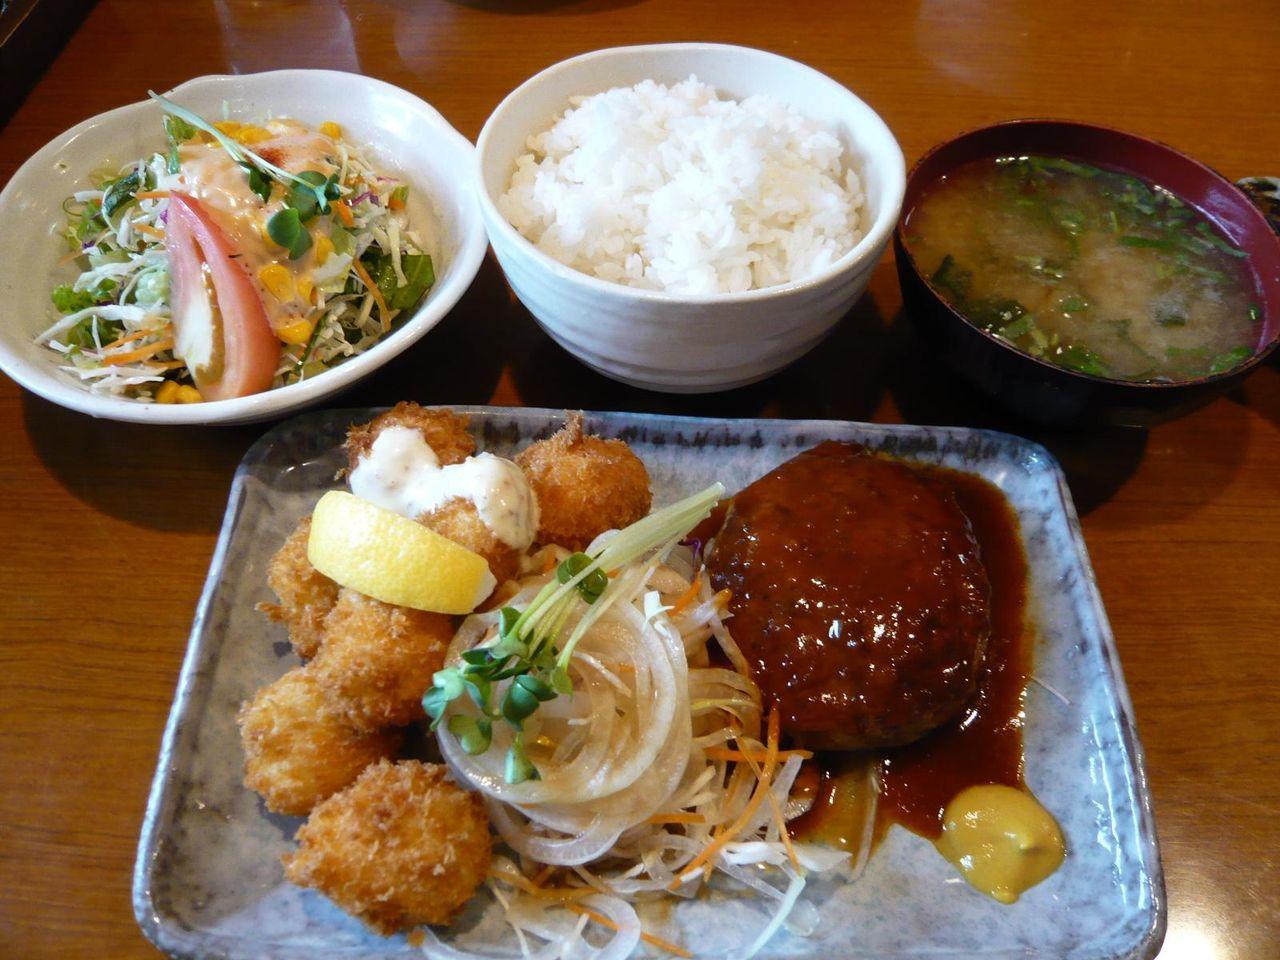 ハンバーグとホタテフライ1,030円